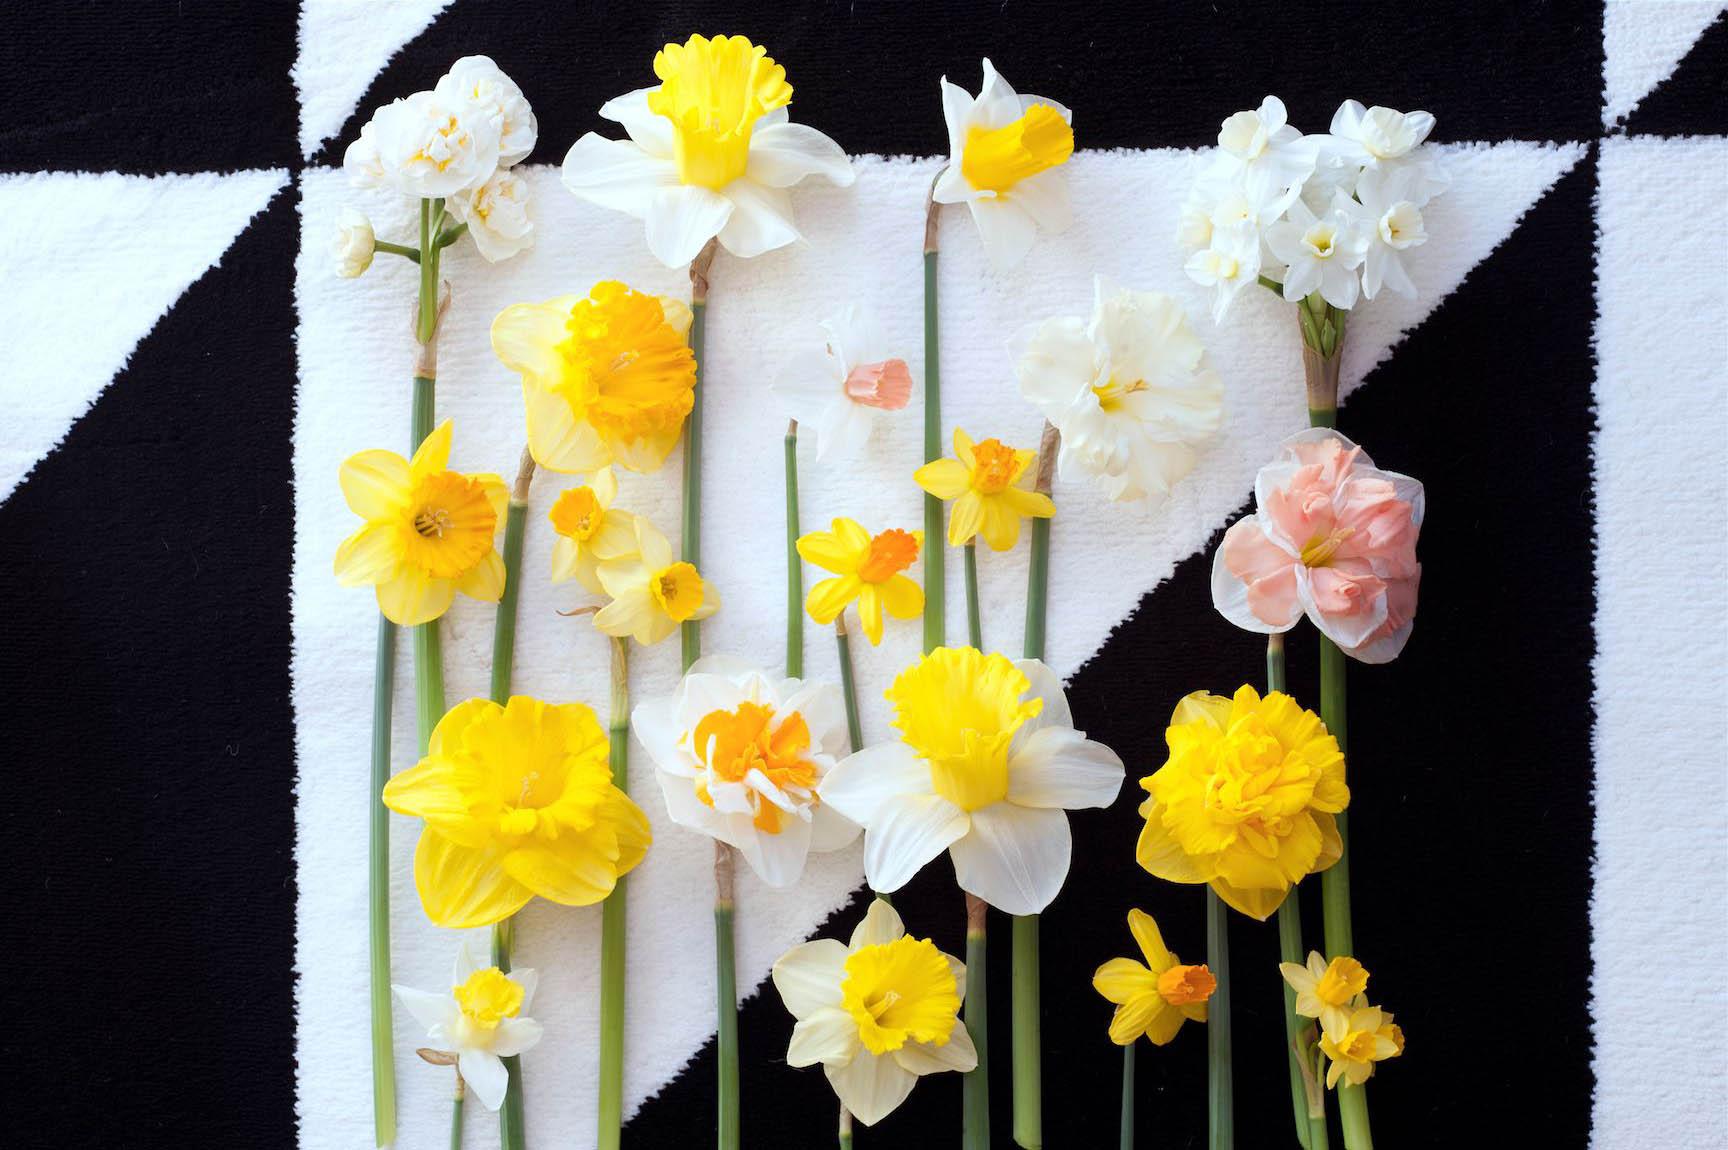 Narcisses - ma plante mon bonheur -compressed